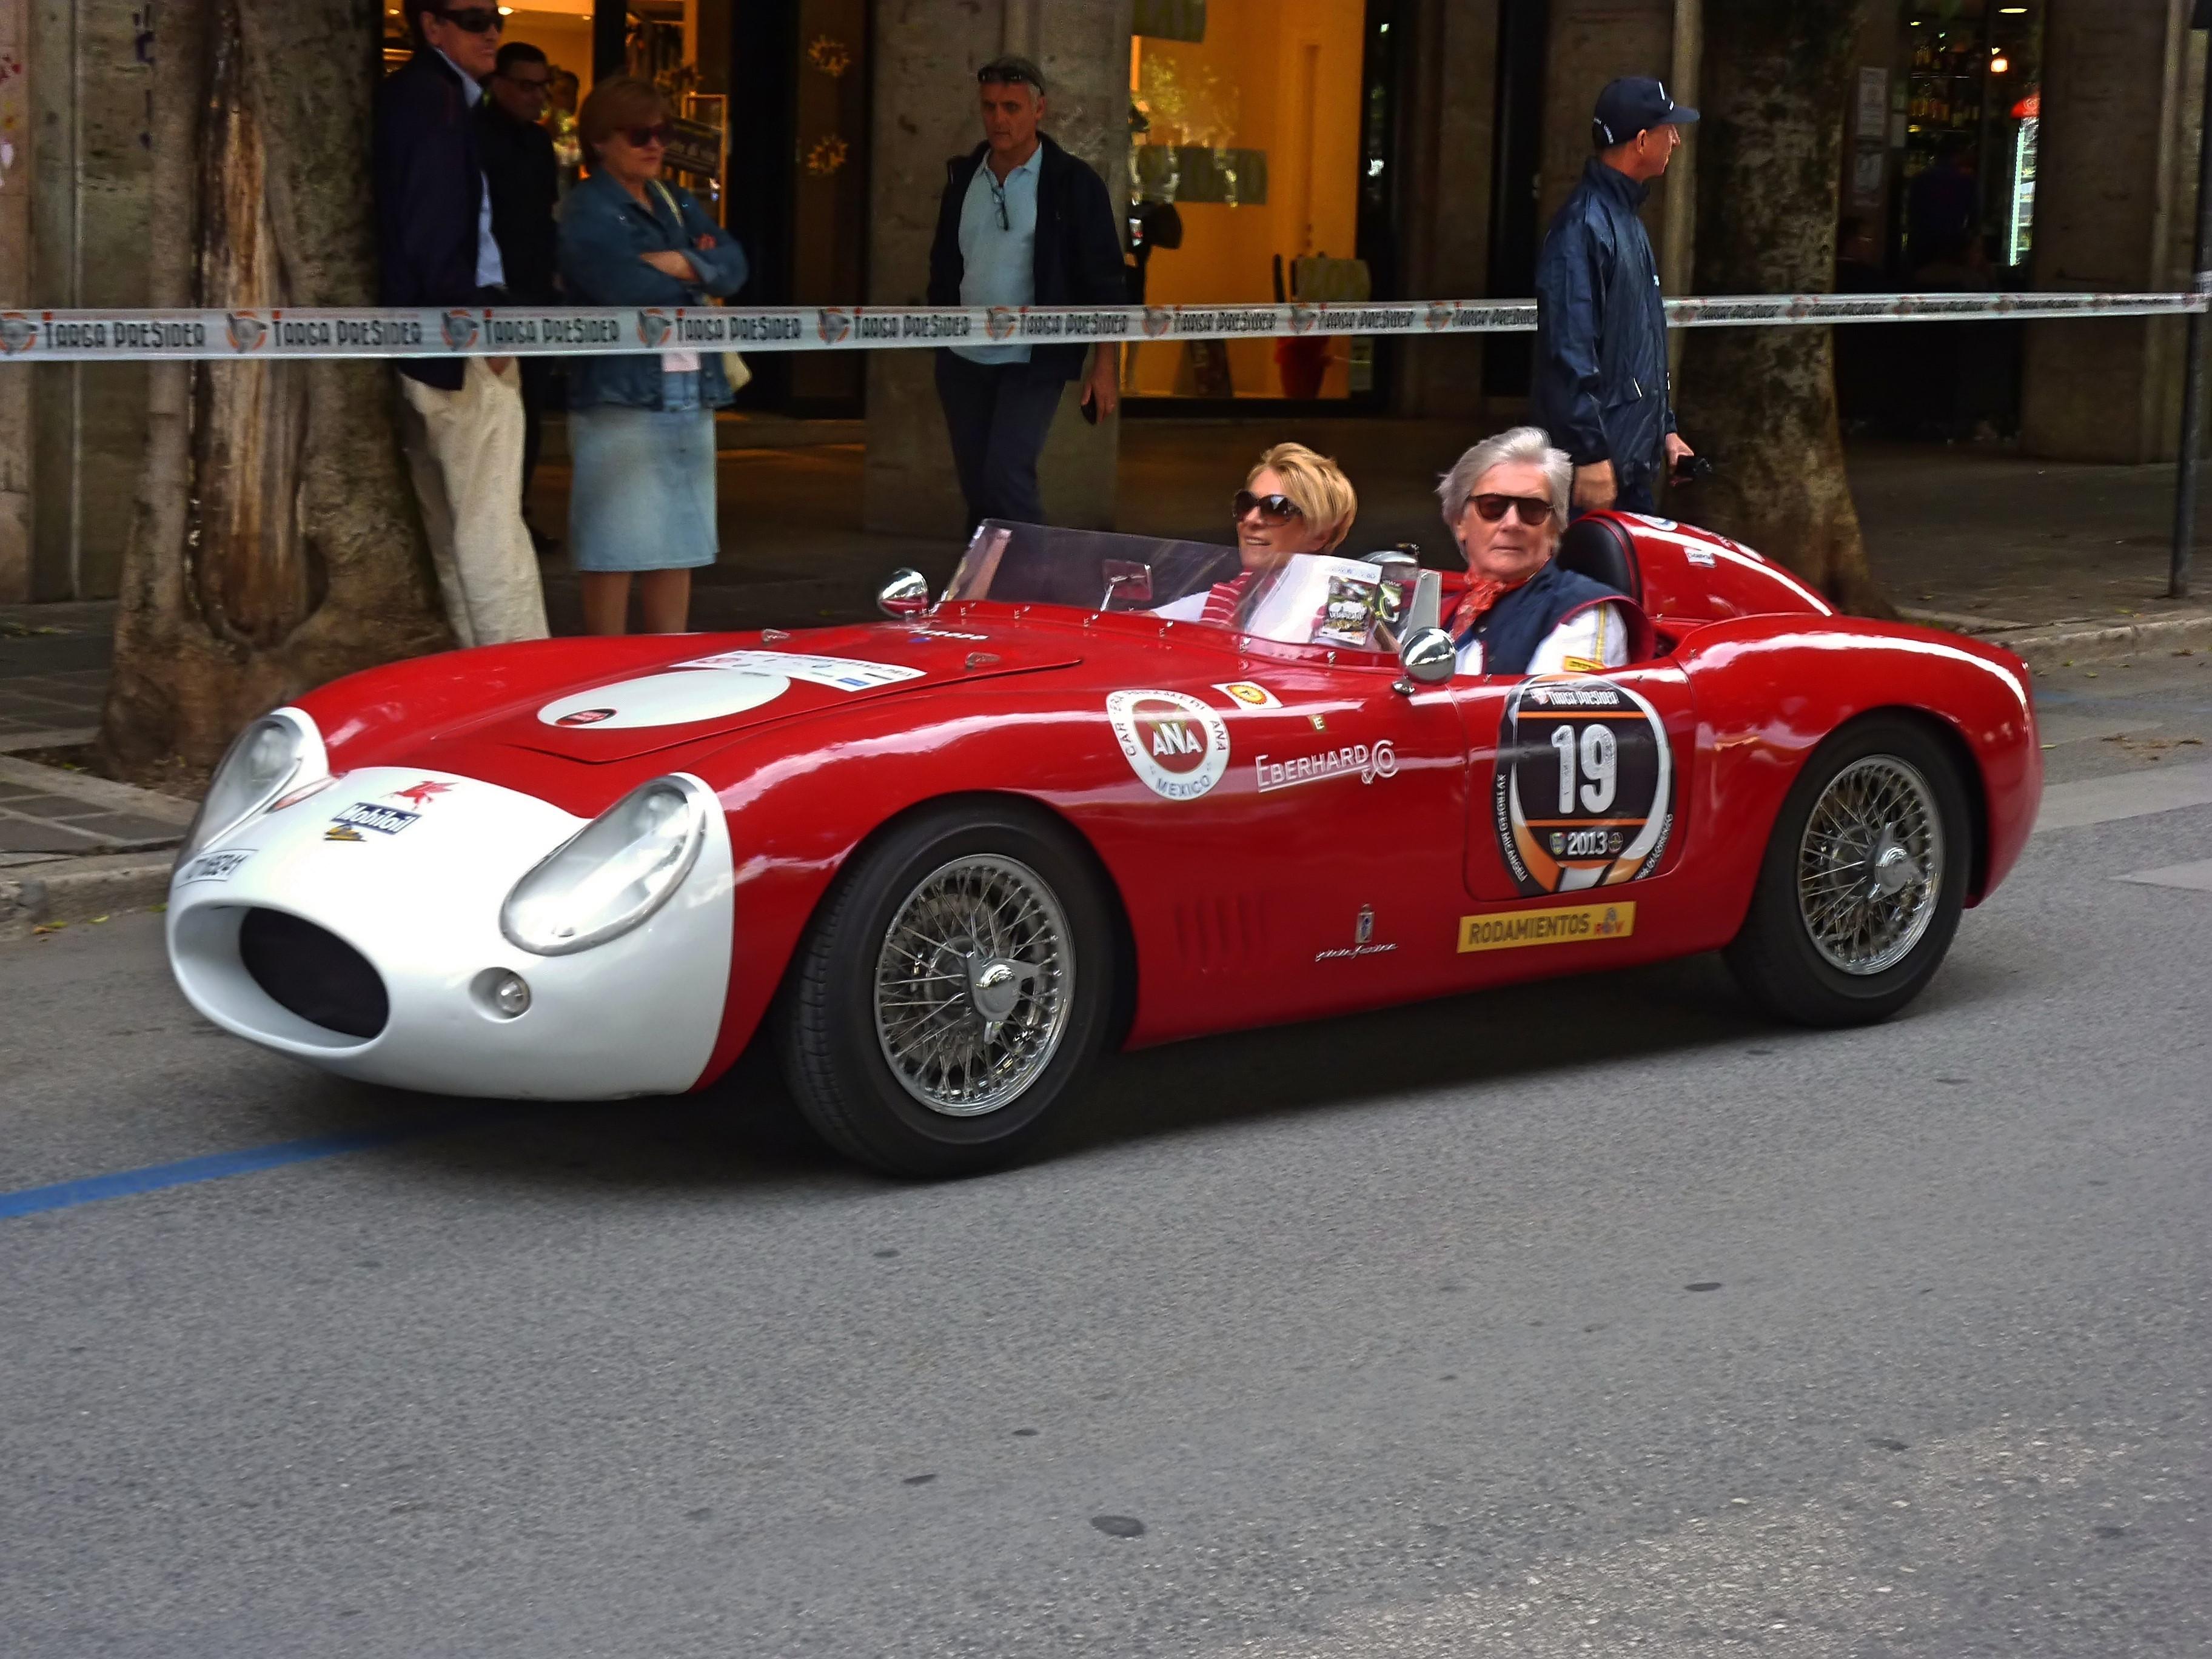 1st Circuito Di Avezzano 2013 (13)